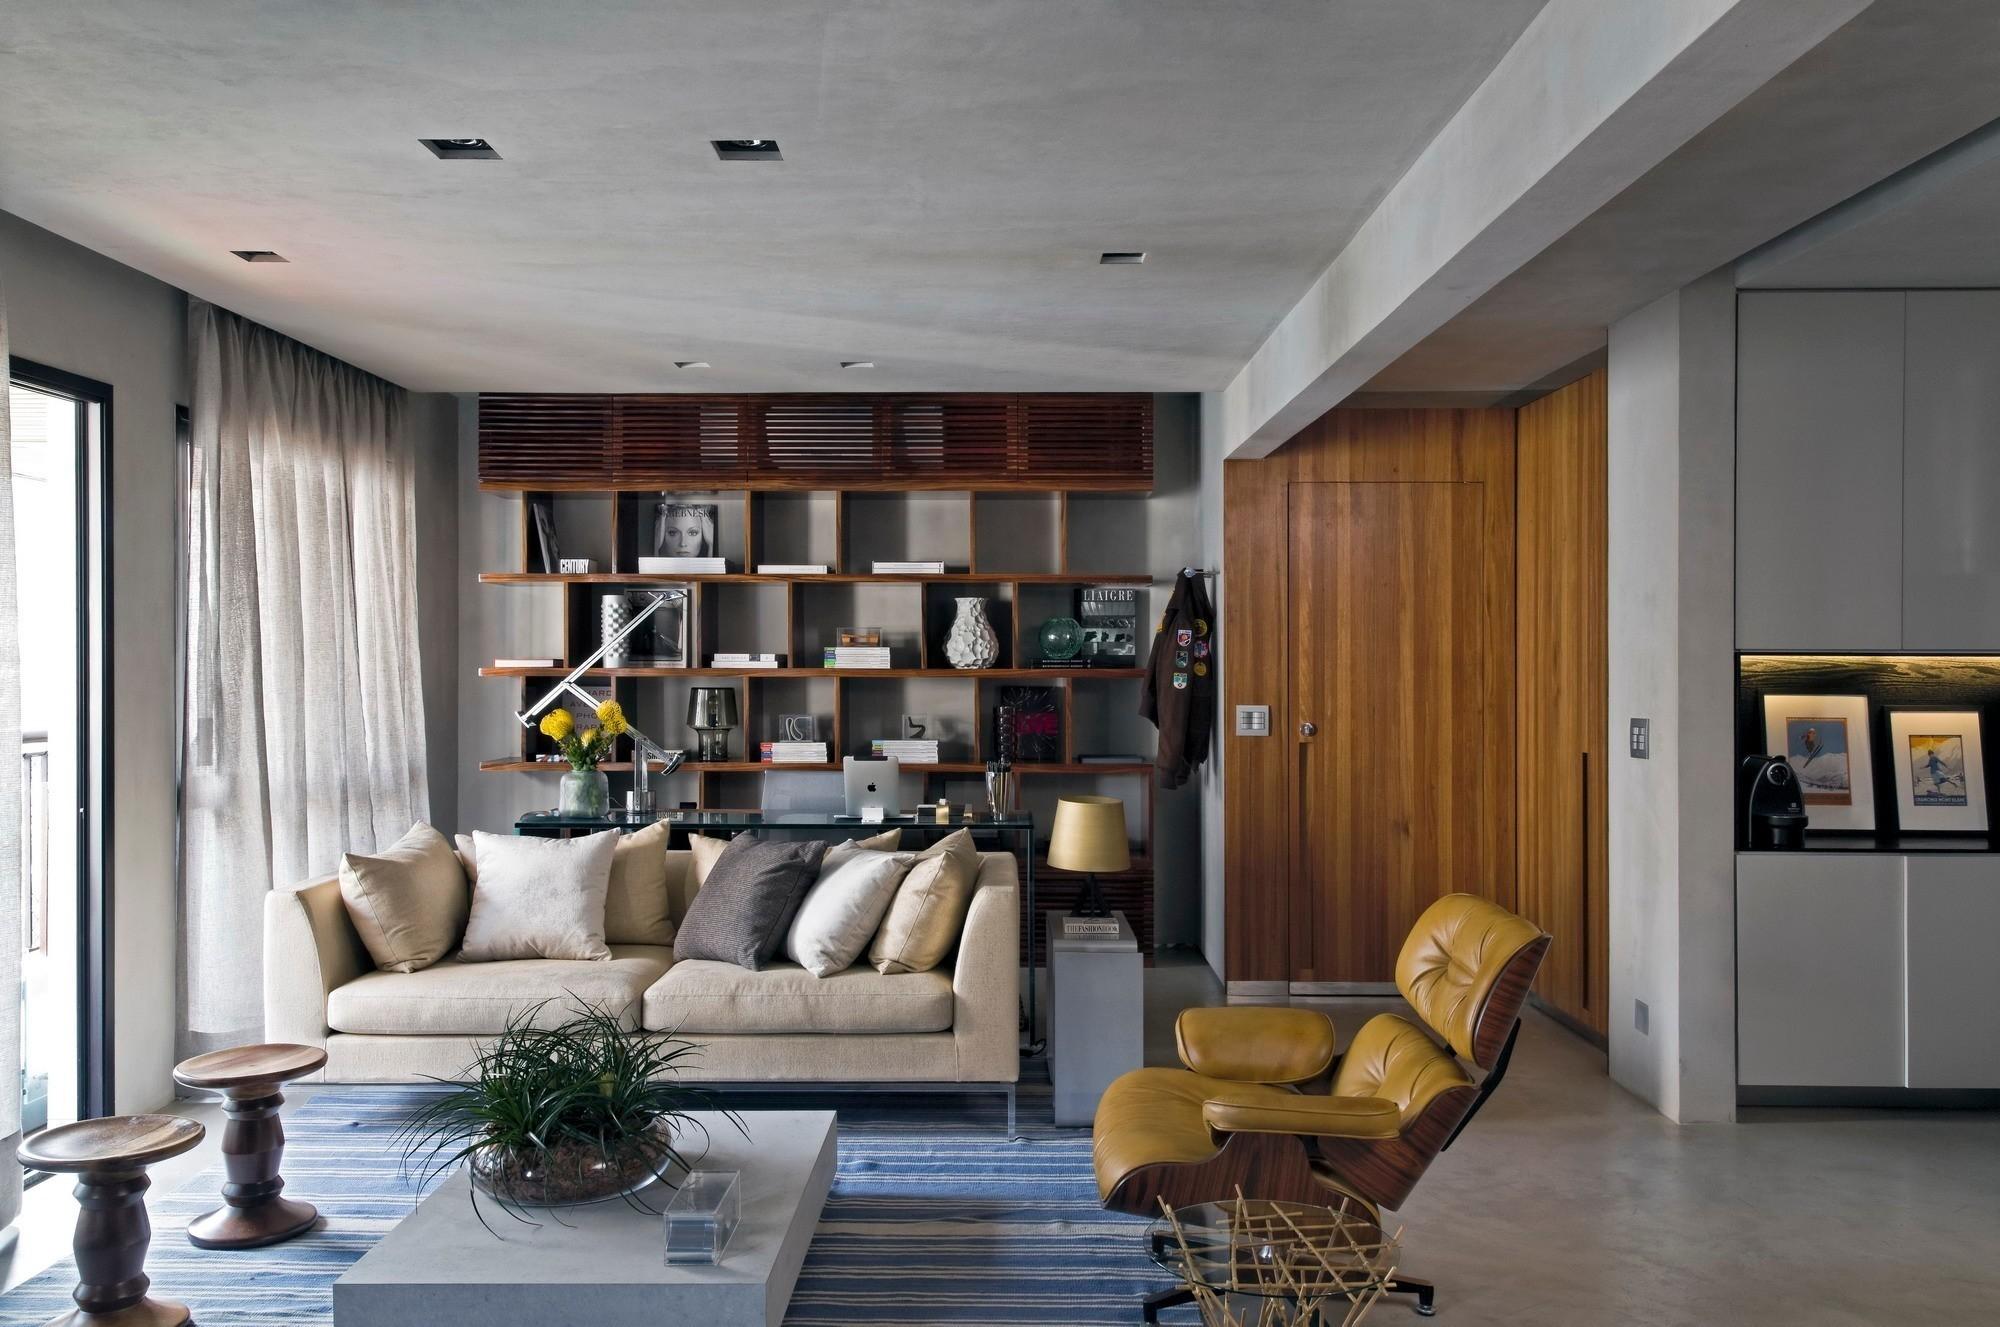 Бюджетный ремонт квартиры в современном стиле